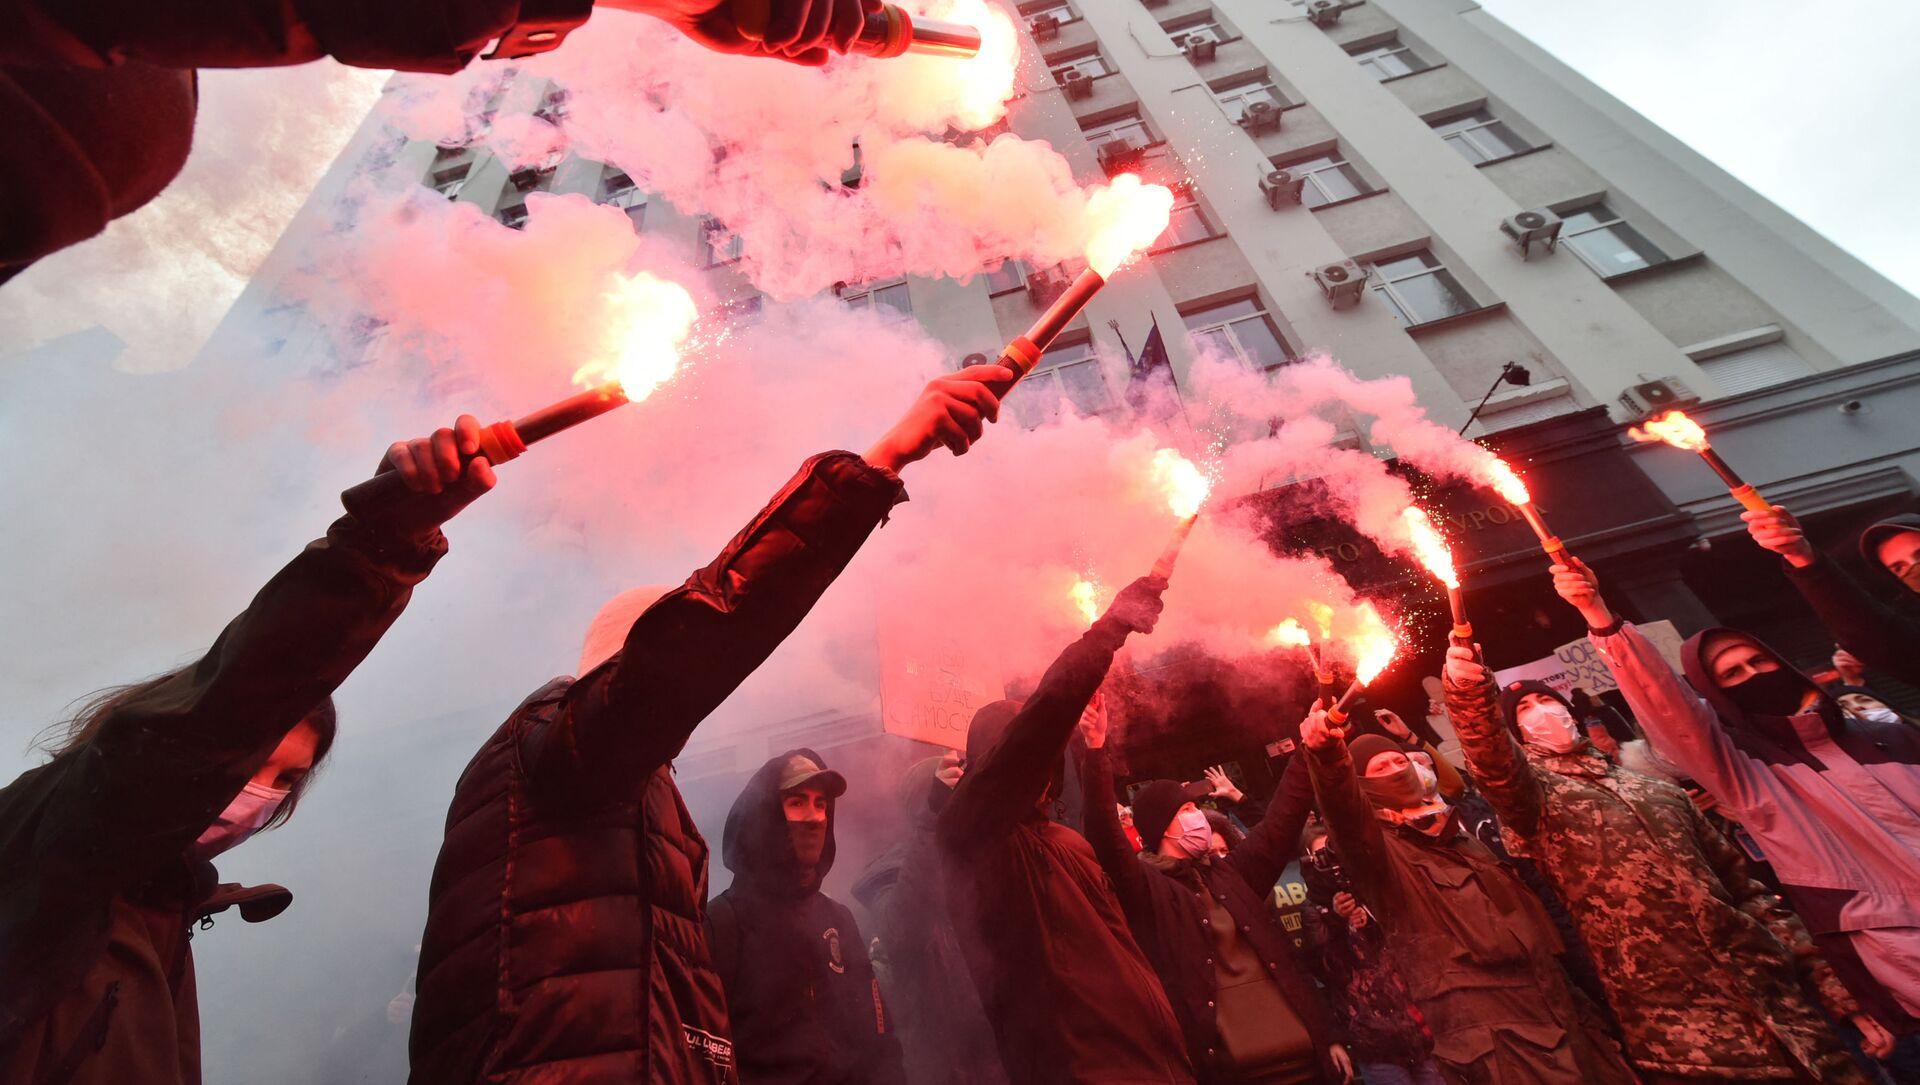 Odpalanie rac podczas protestów radykałów na Ukrainie - Sputnik Polska, 1920, 27.02.2021